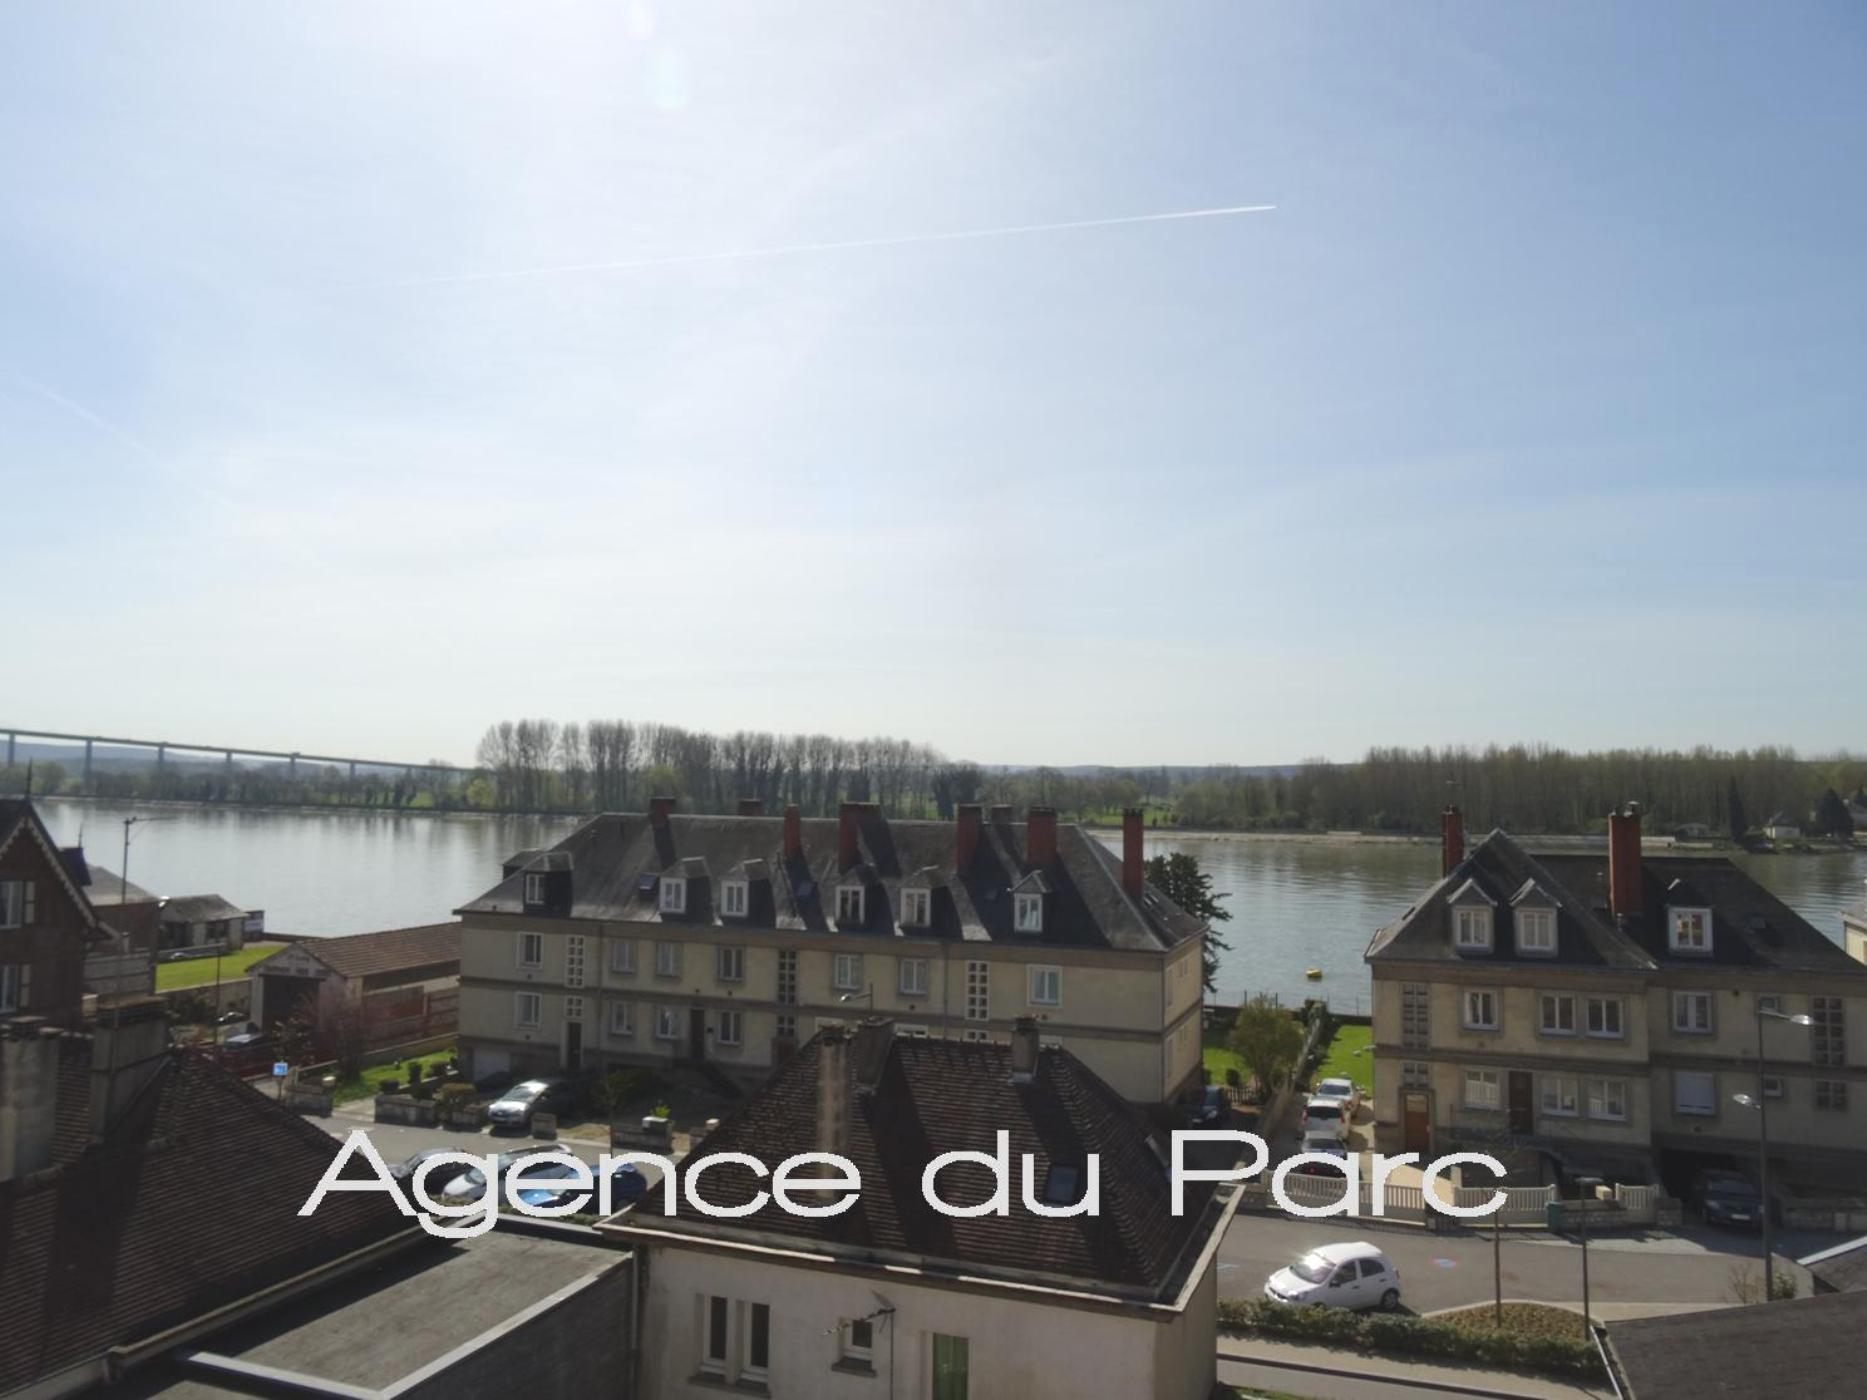 Acheter vente d 39 un appartement f2 avec vue sur seine caudebec en caux 76 - Acheter a ivry sur seine ...